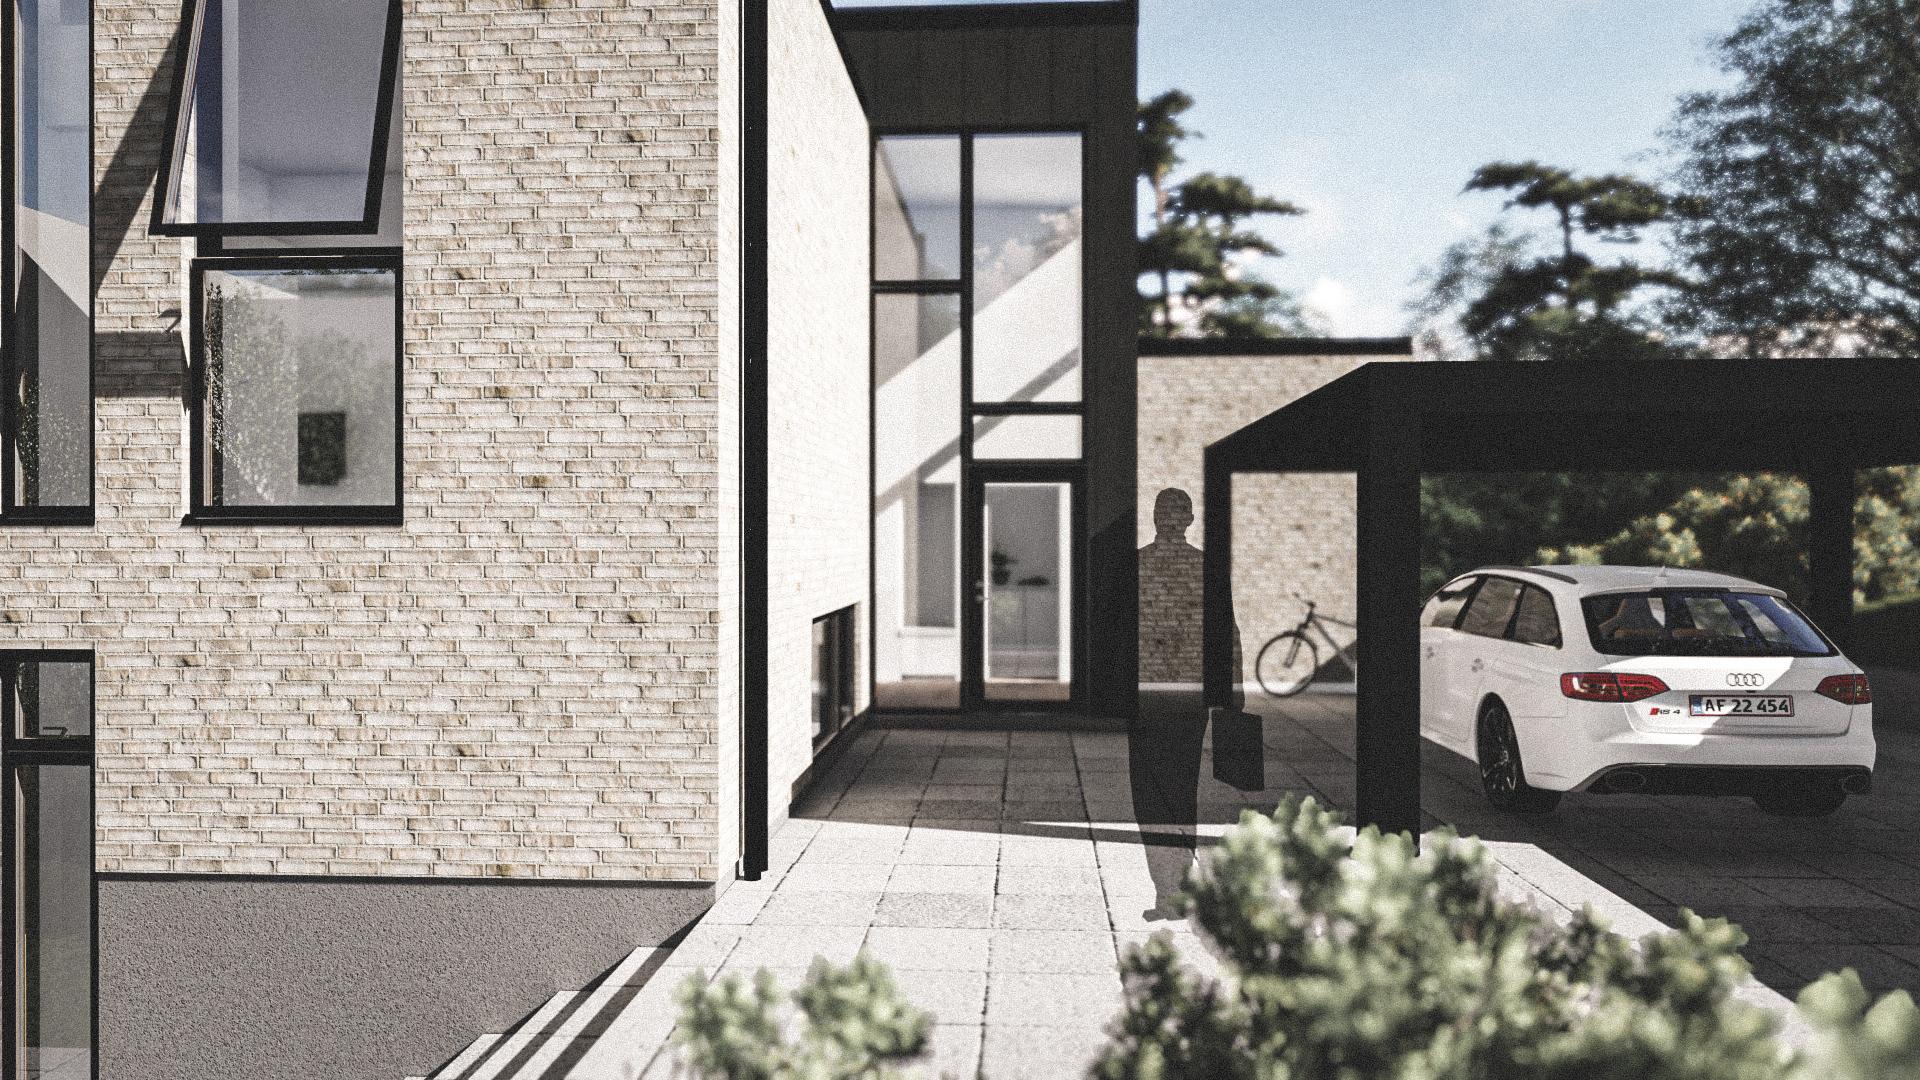 Billede af Dansk arkitekttegnet parterreplan villa af arkitektfirmaet m2plus, i Højbjerg på 236 kvartratmeter.